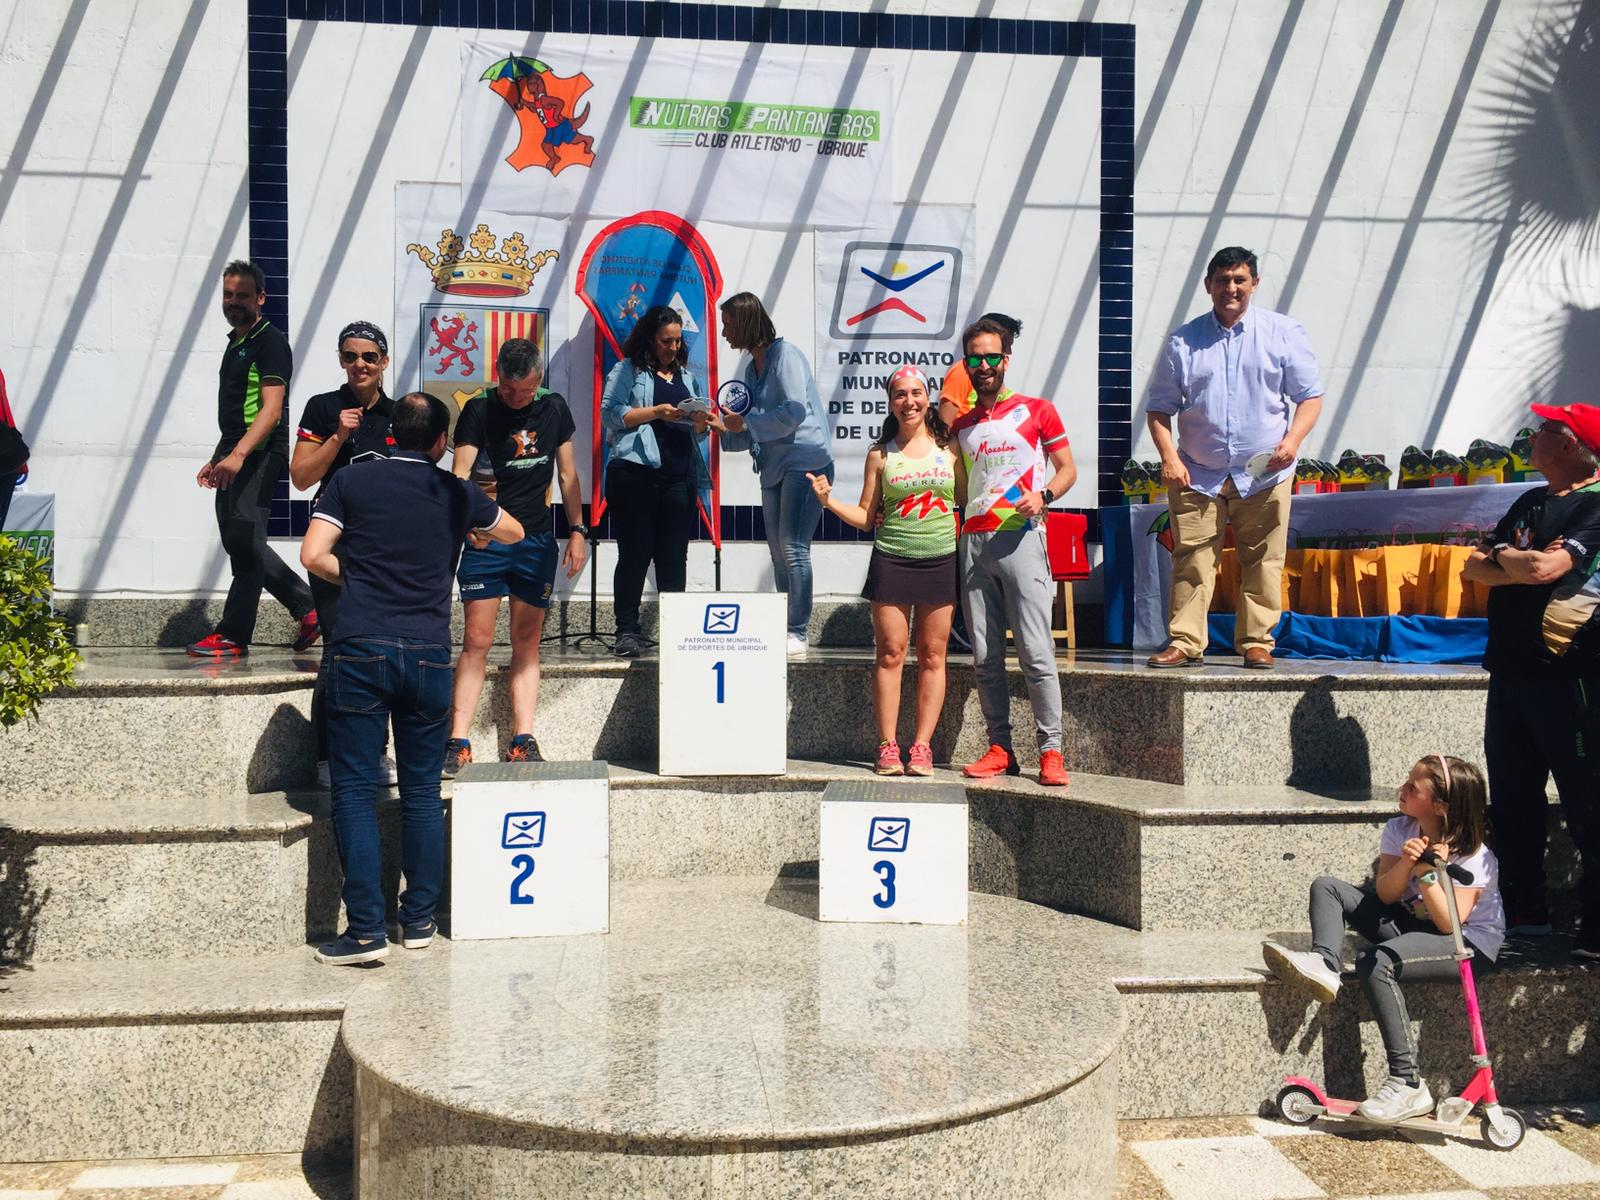 Éxitos de Raquel Galisteo «2ª» en la Categoría Veterana y de Laura Pérez y Alberto Martino «3º» en Senior en la «I Copa Gaditana de Montaña»